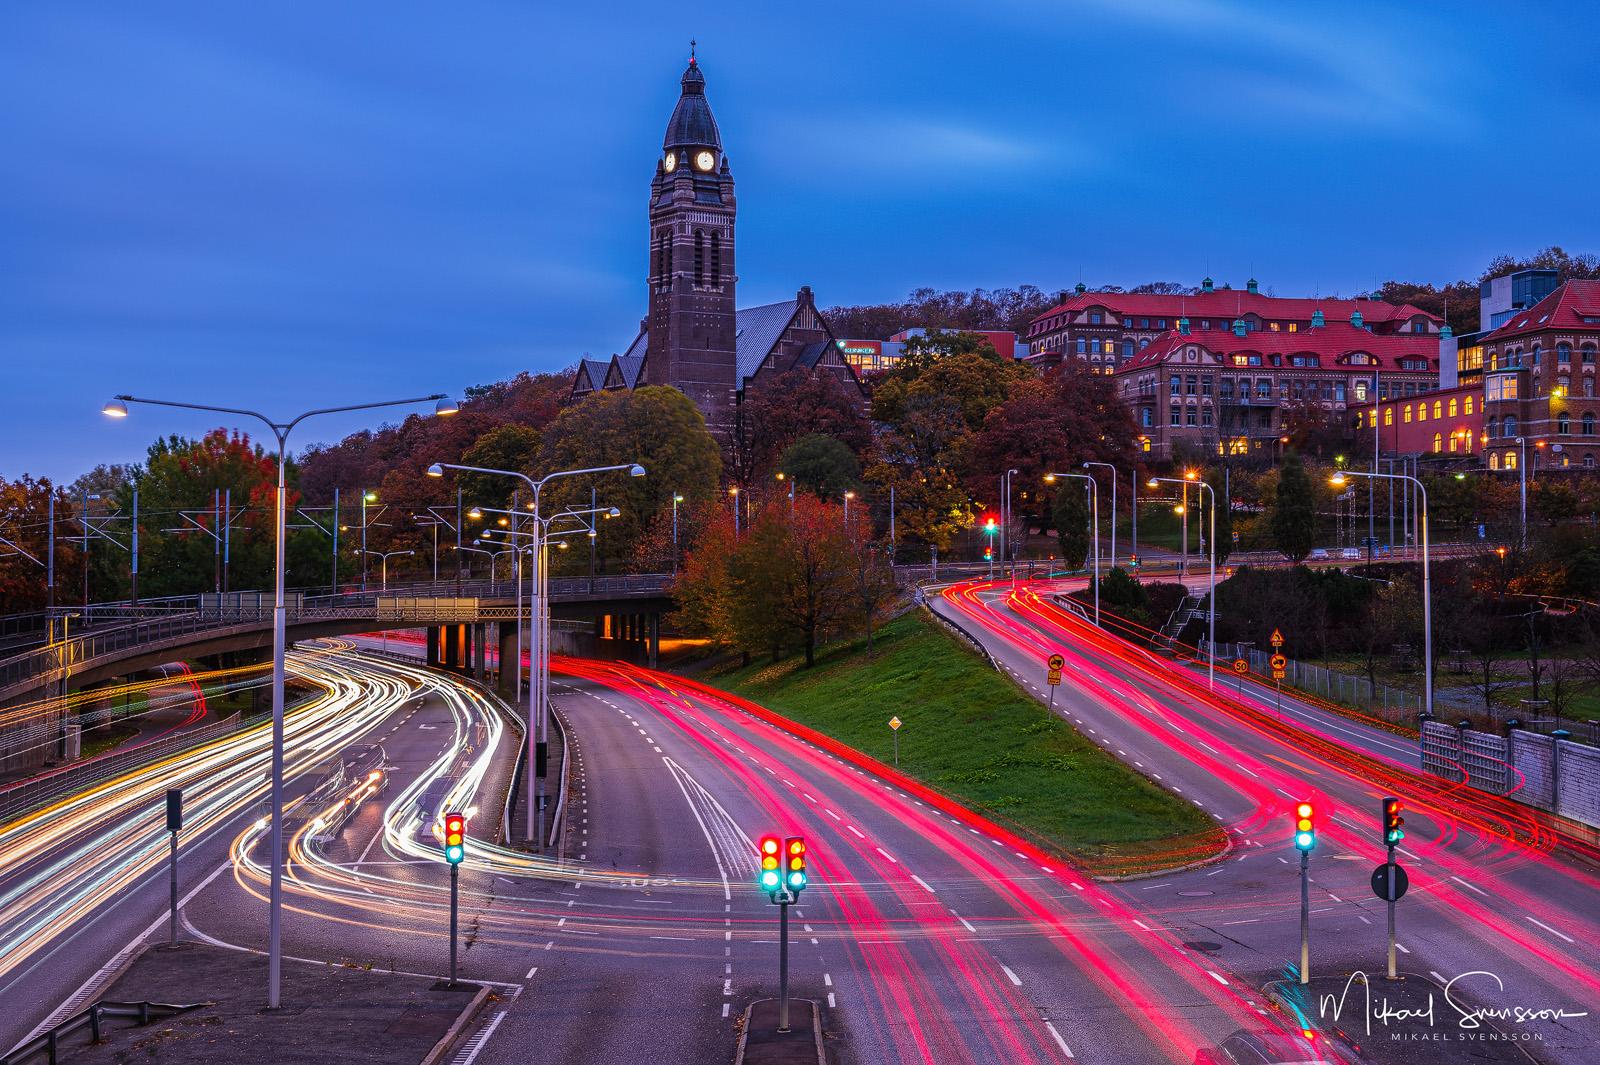 Dag Hammarskjöldsleden, Göteborg.